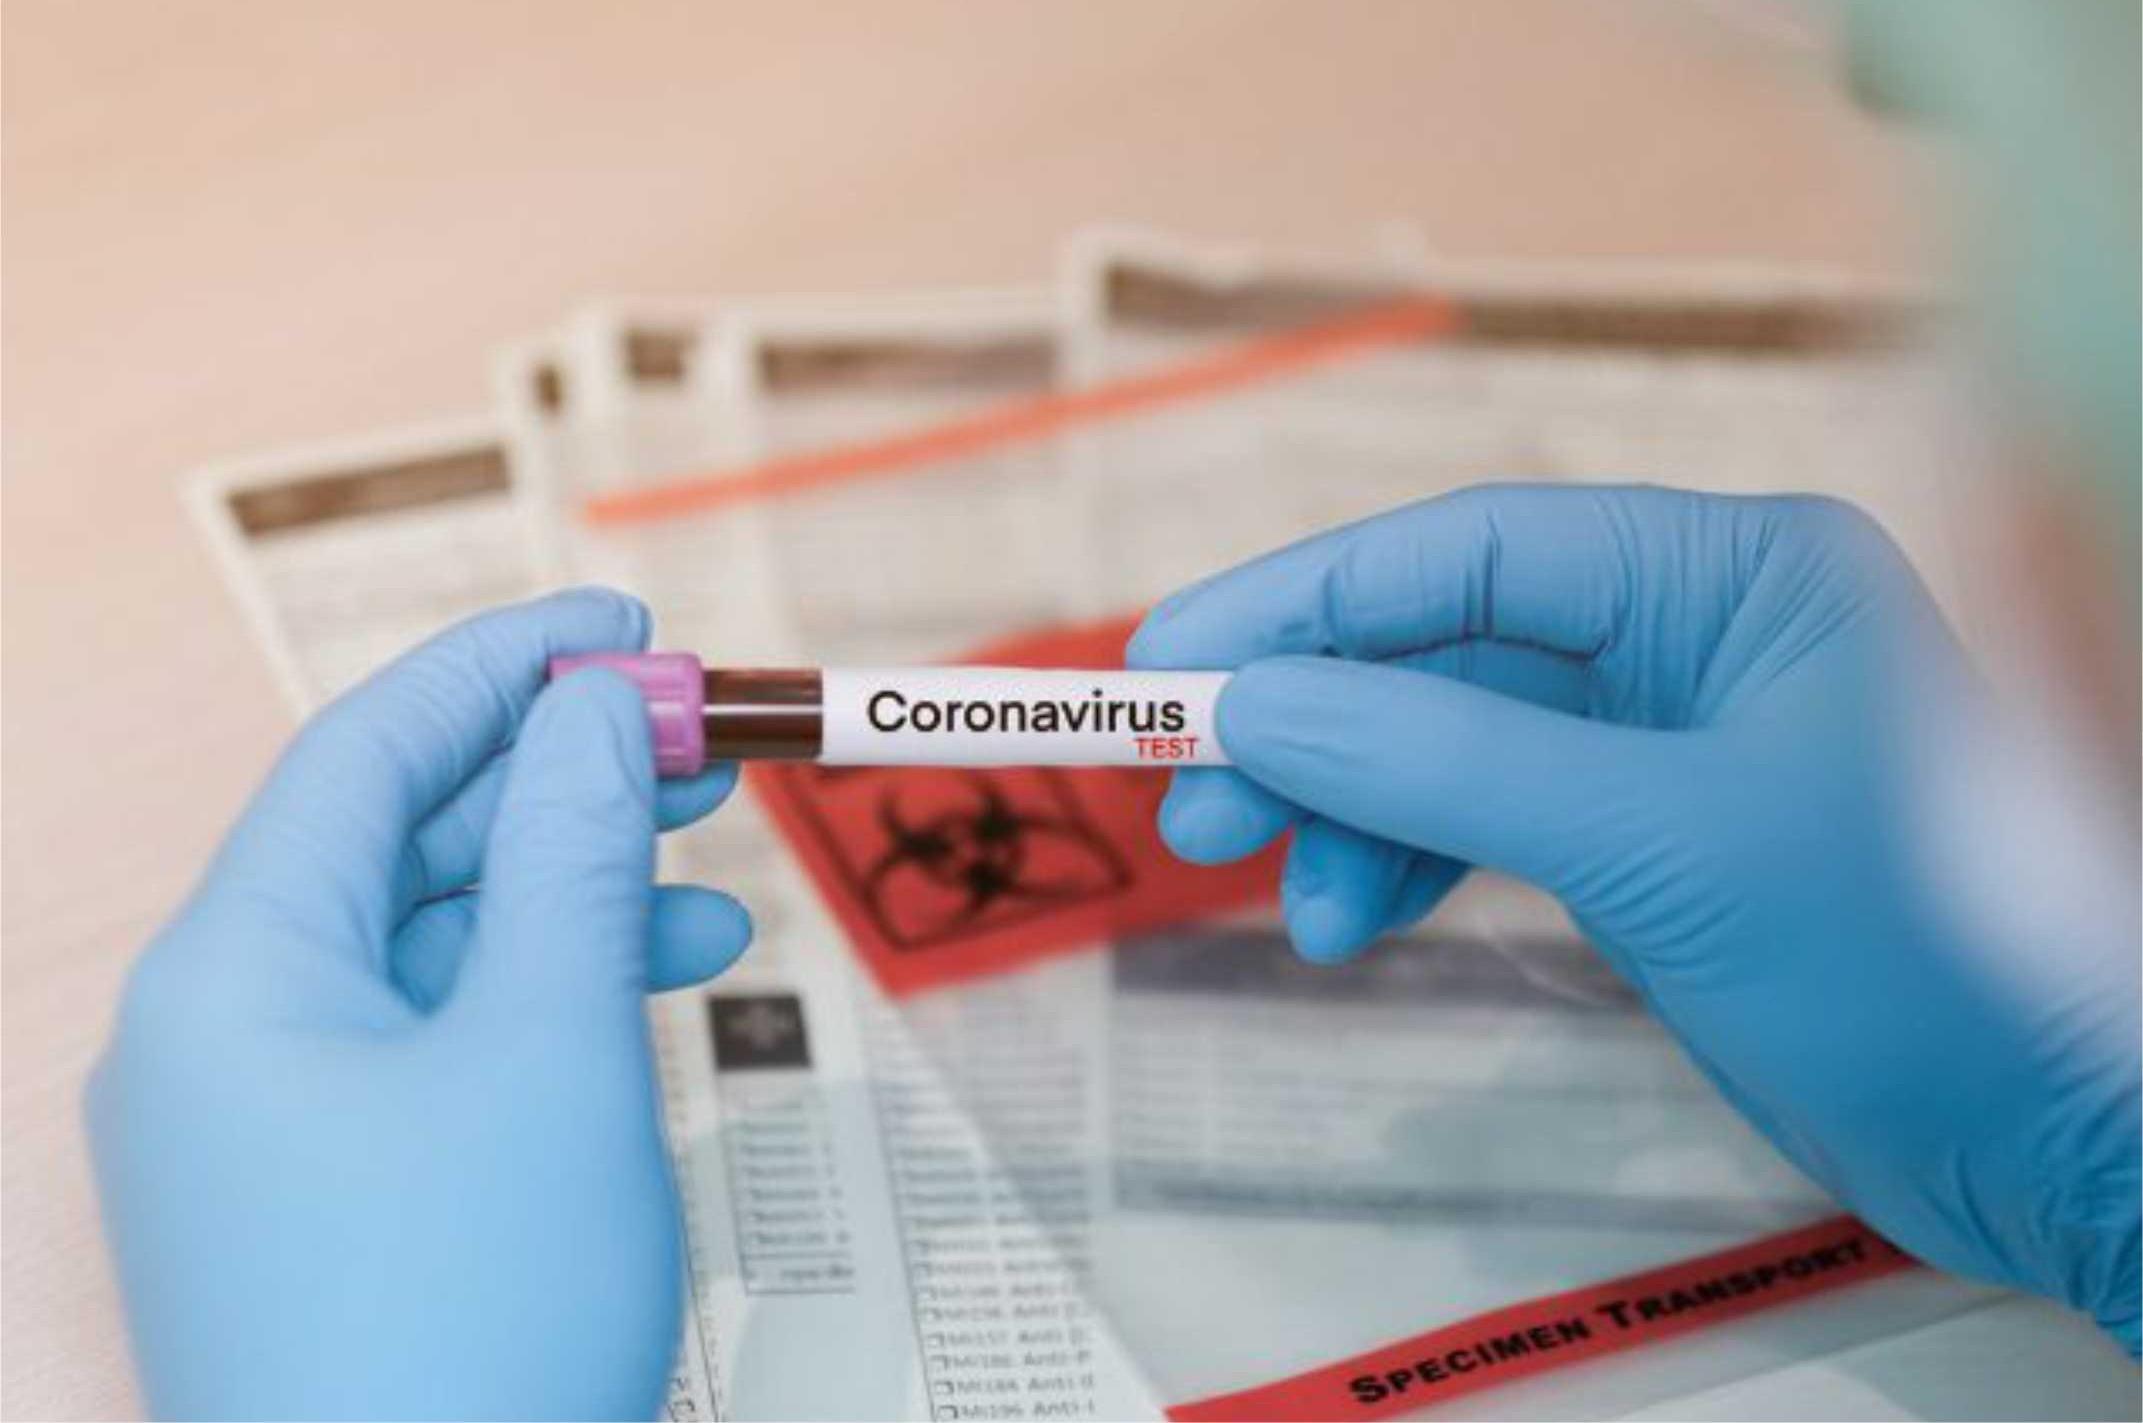 lha Solteira: Primeiro caso suspeito tem resultado negativo para Coronavírus